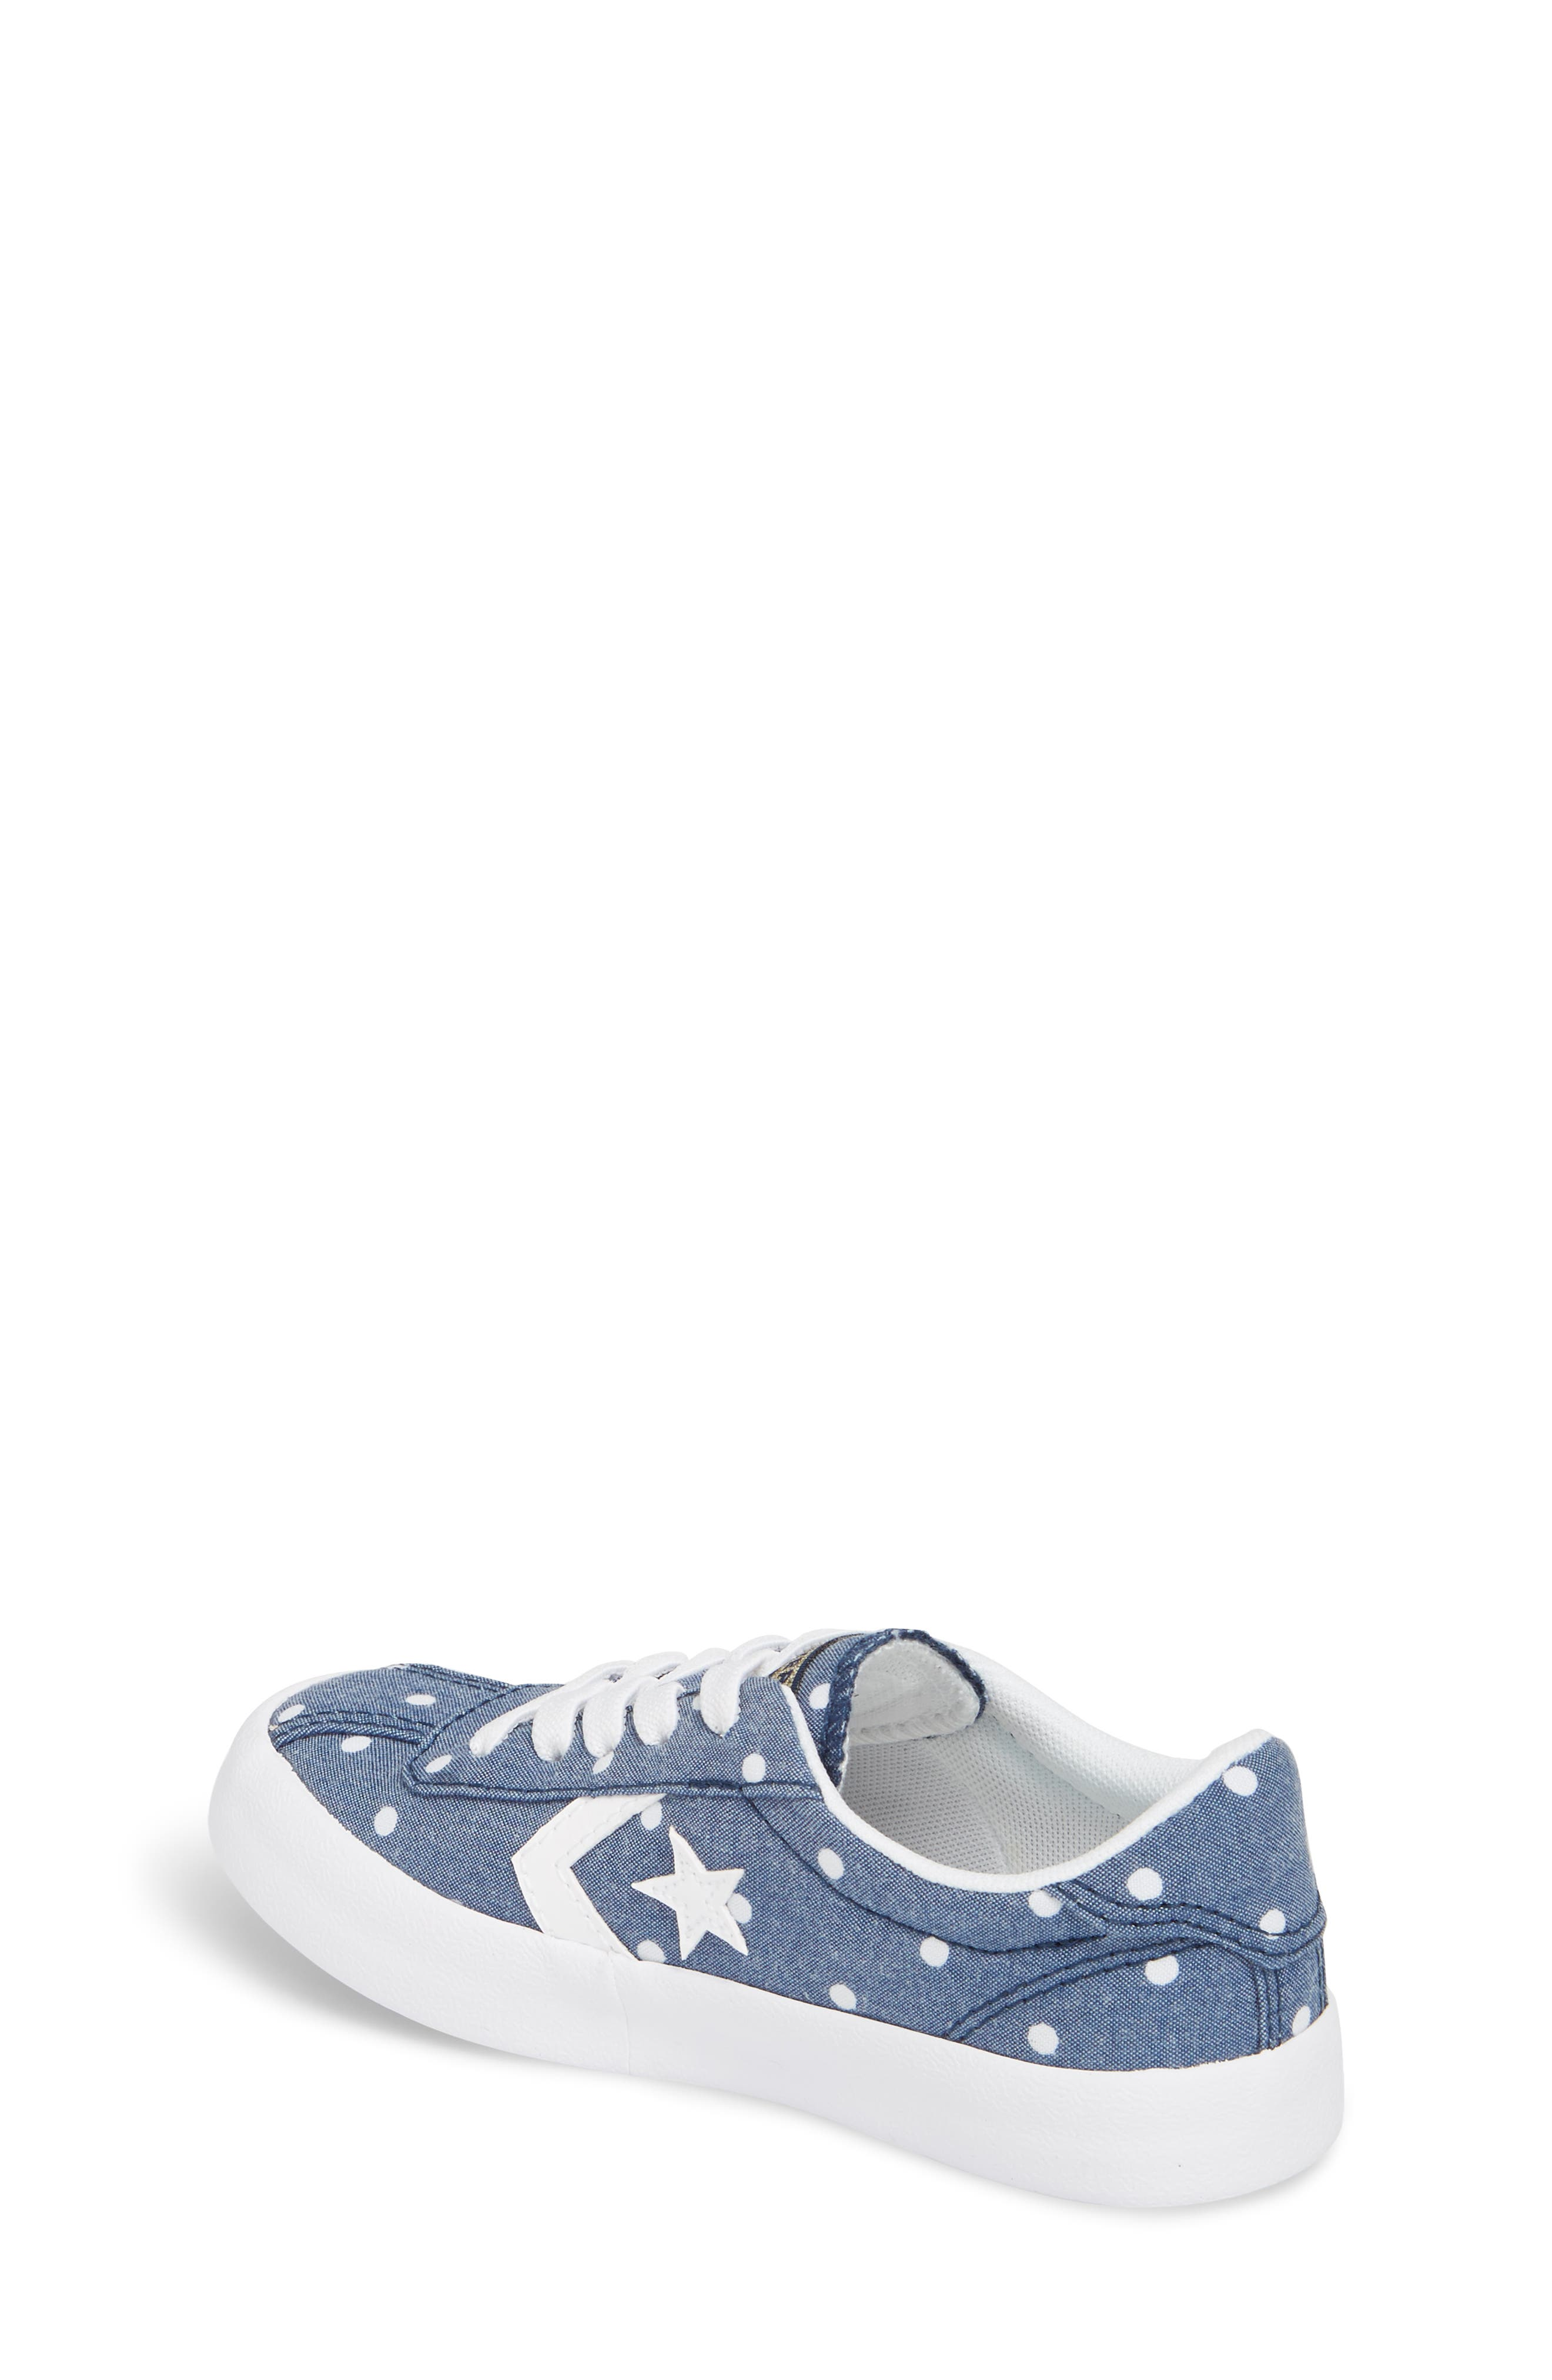 Breakpoint Polka Dot Sneaker,                             Alternate thumbnail 2, color,                             426